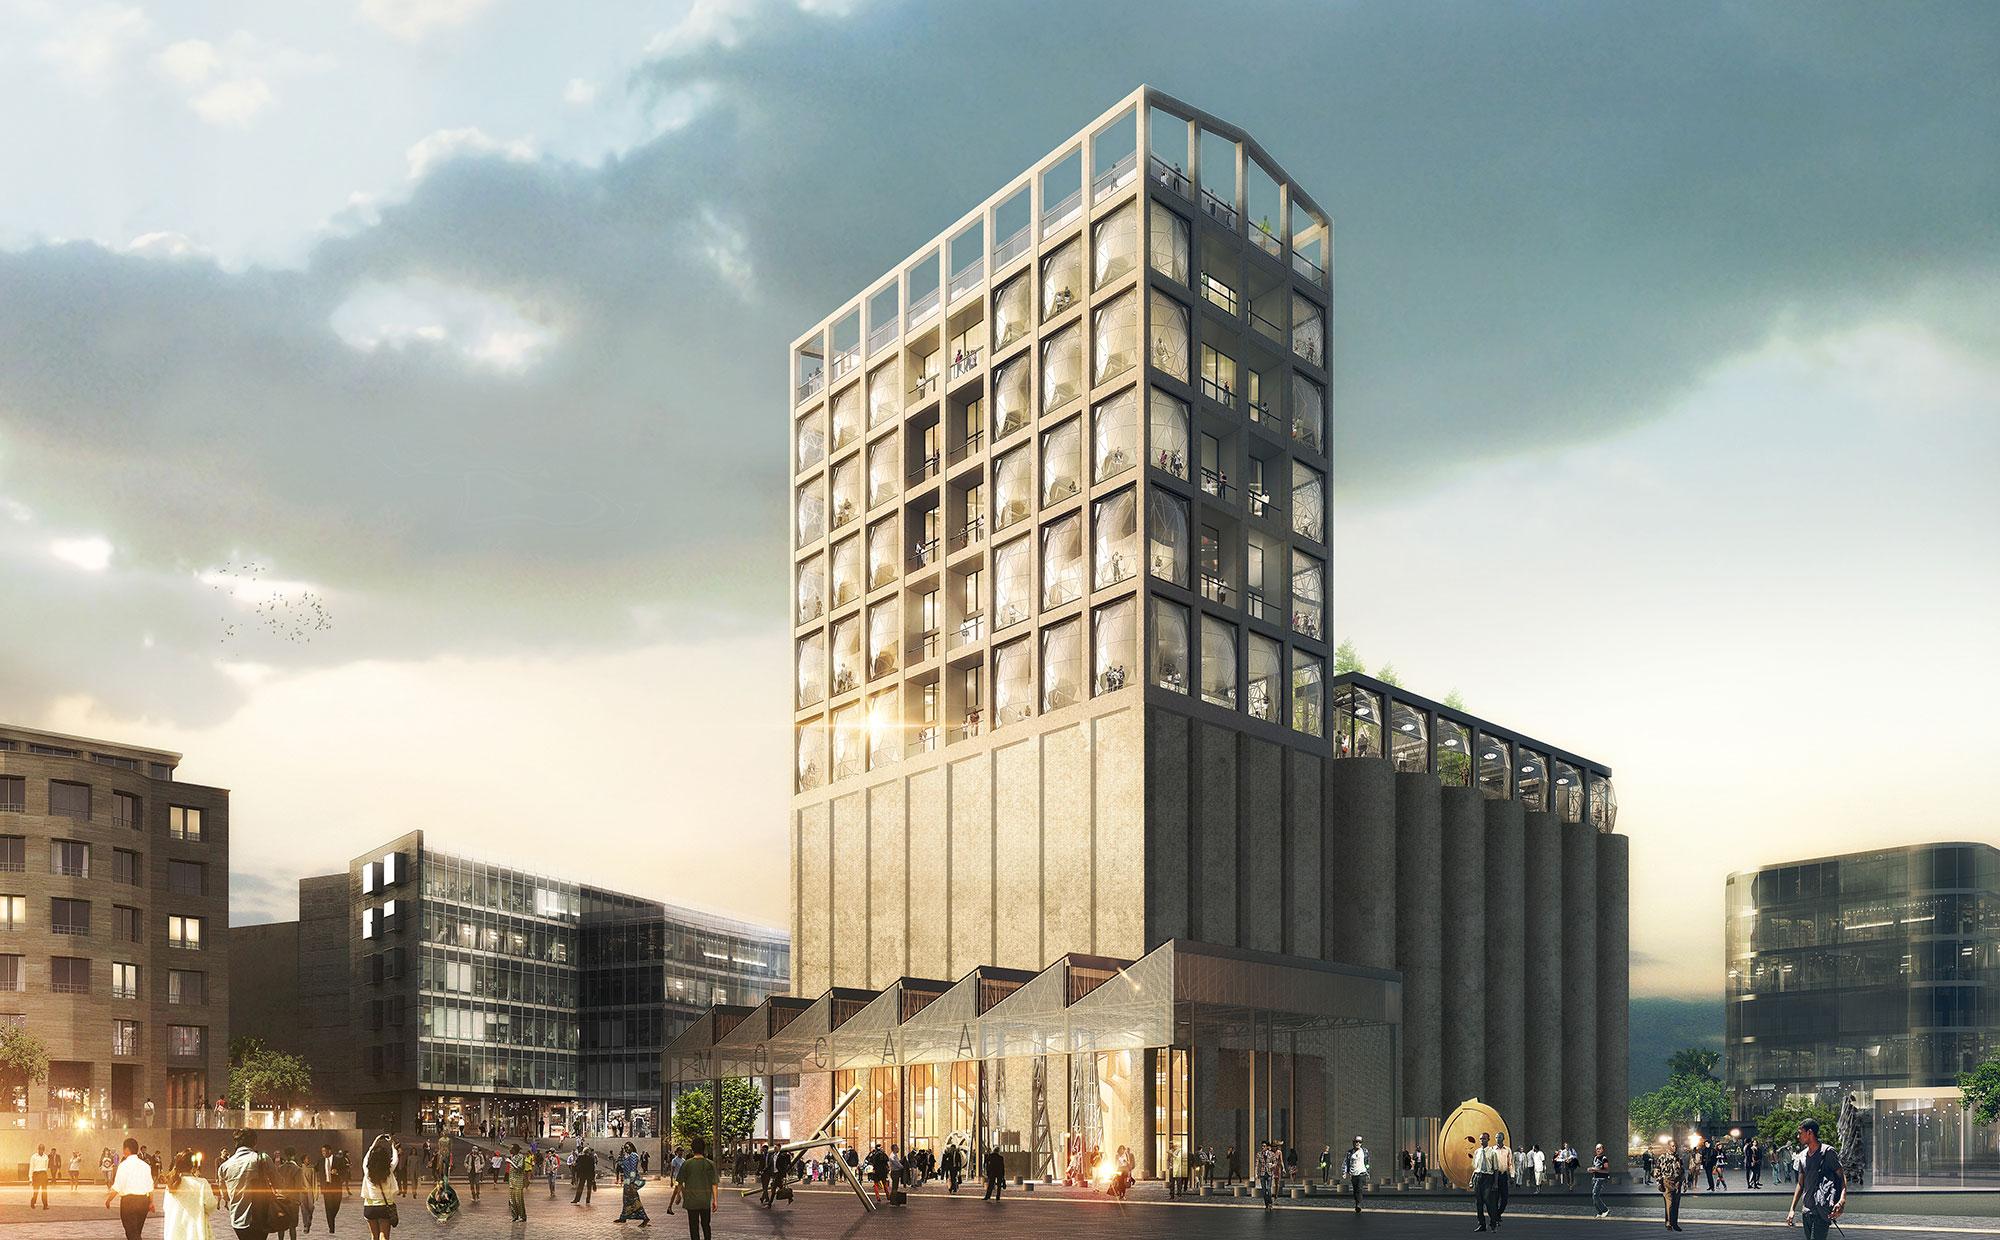 New museum Zeitz Mocaa